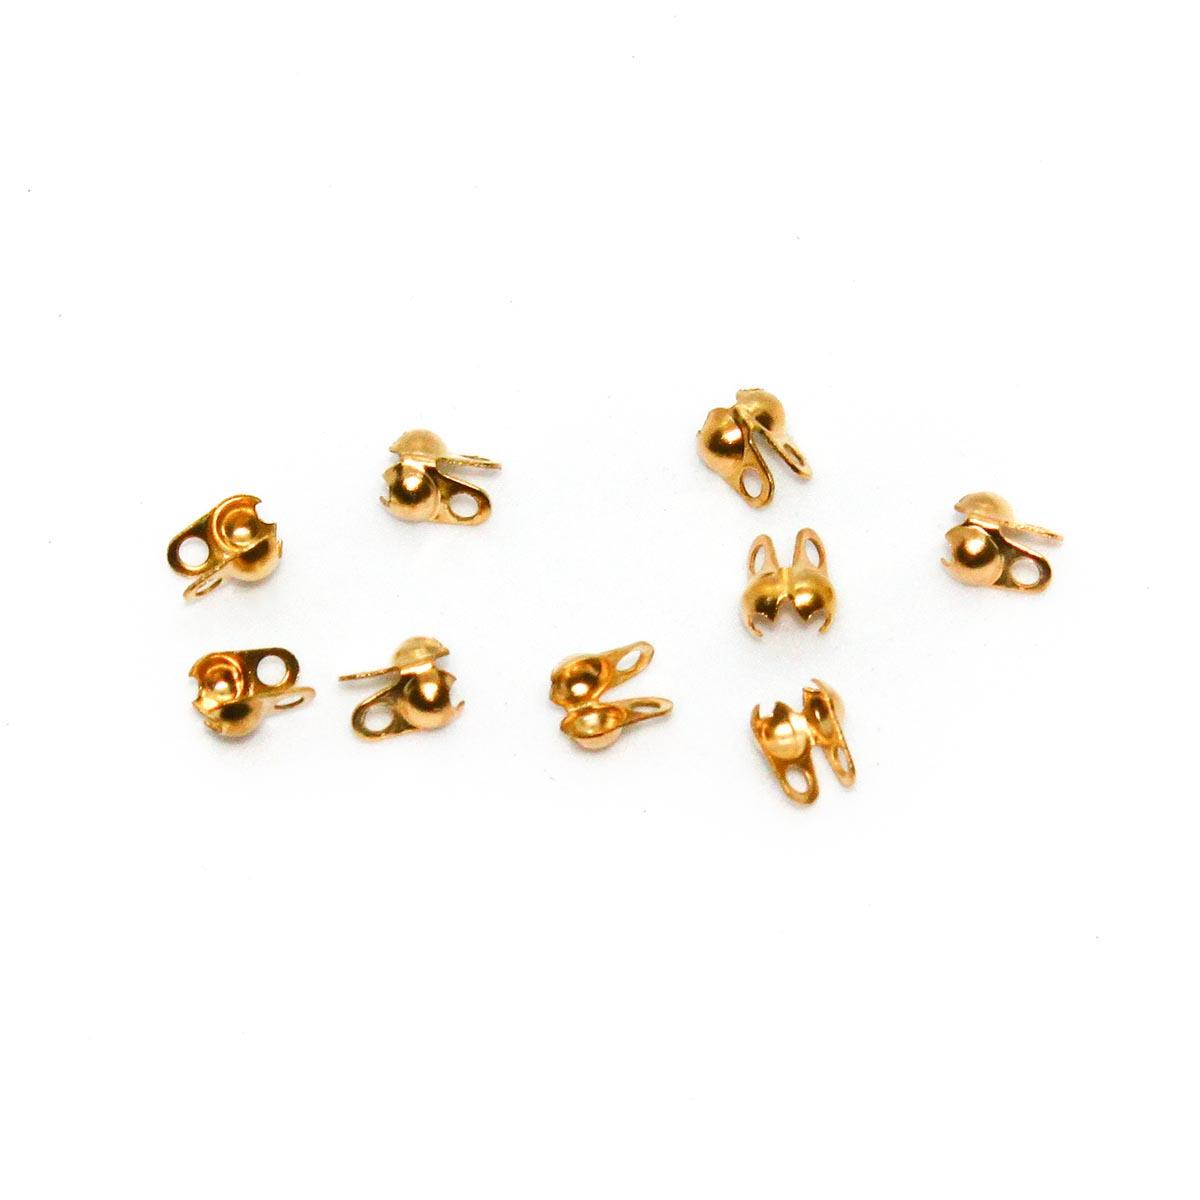 4AR219 Зажим для узла 1,6мм, 20шт/упак, Астра (Золото)